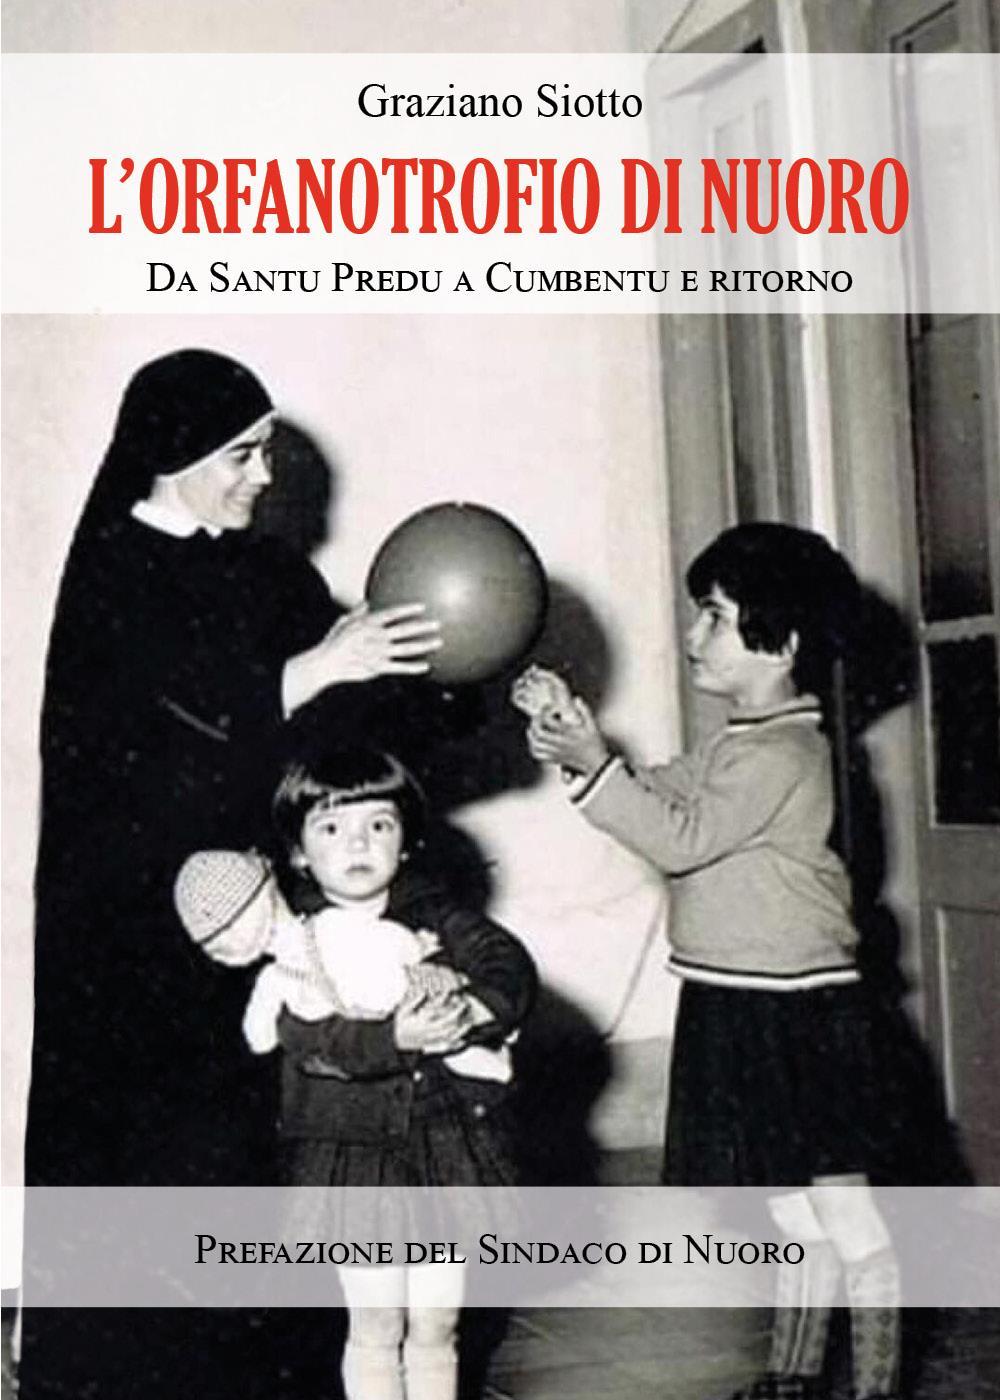 L'Orfanotrofio di Nuoro. Da Santu Predu a Cumbentu e ritorno